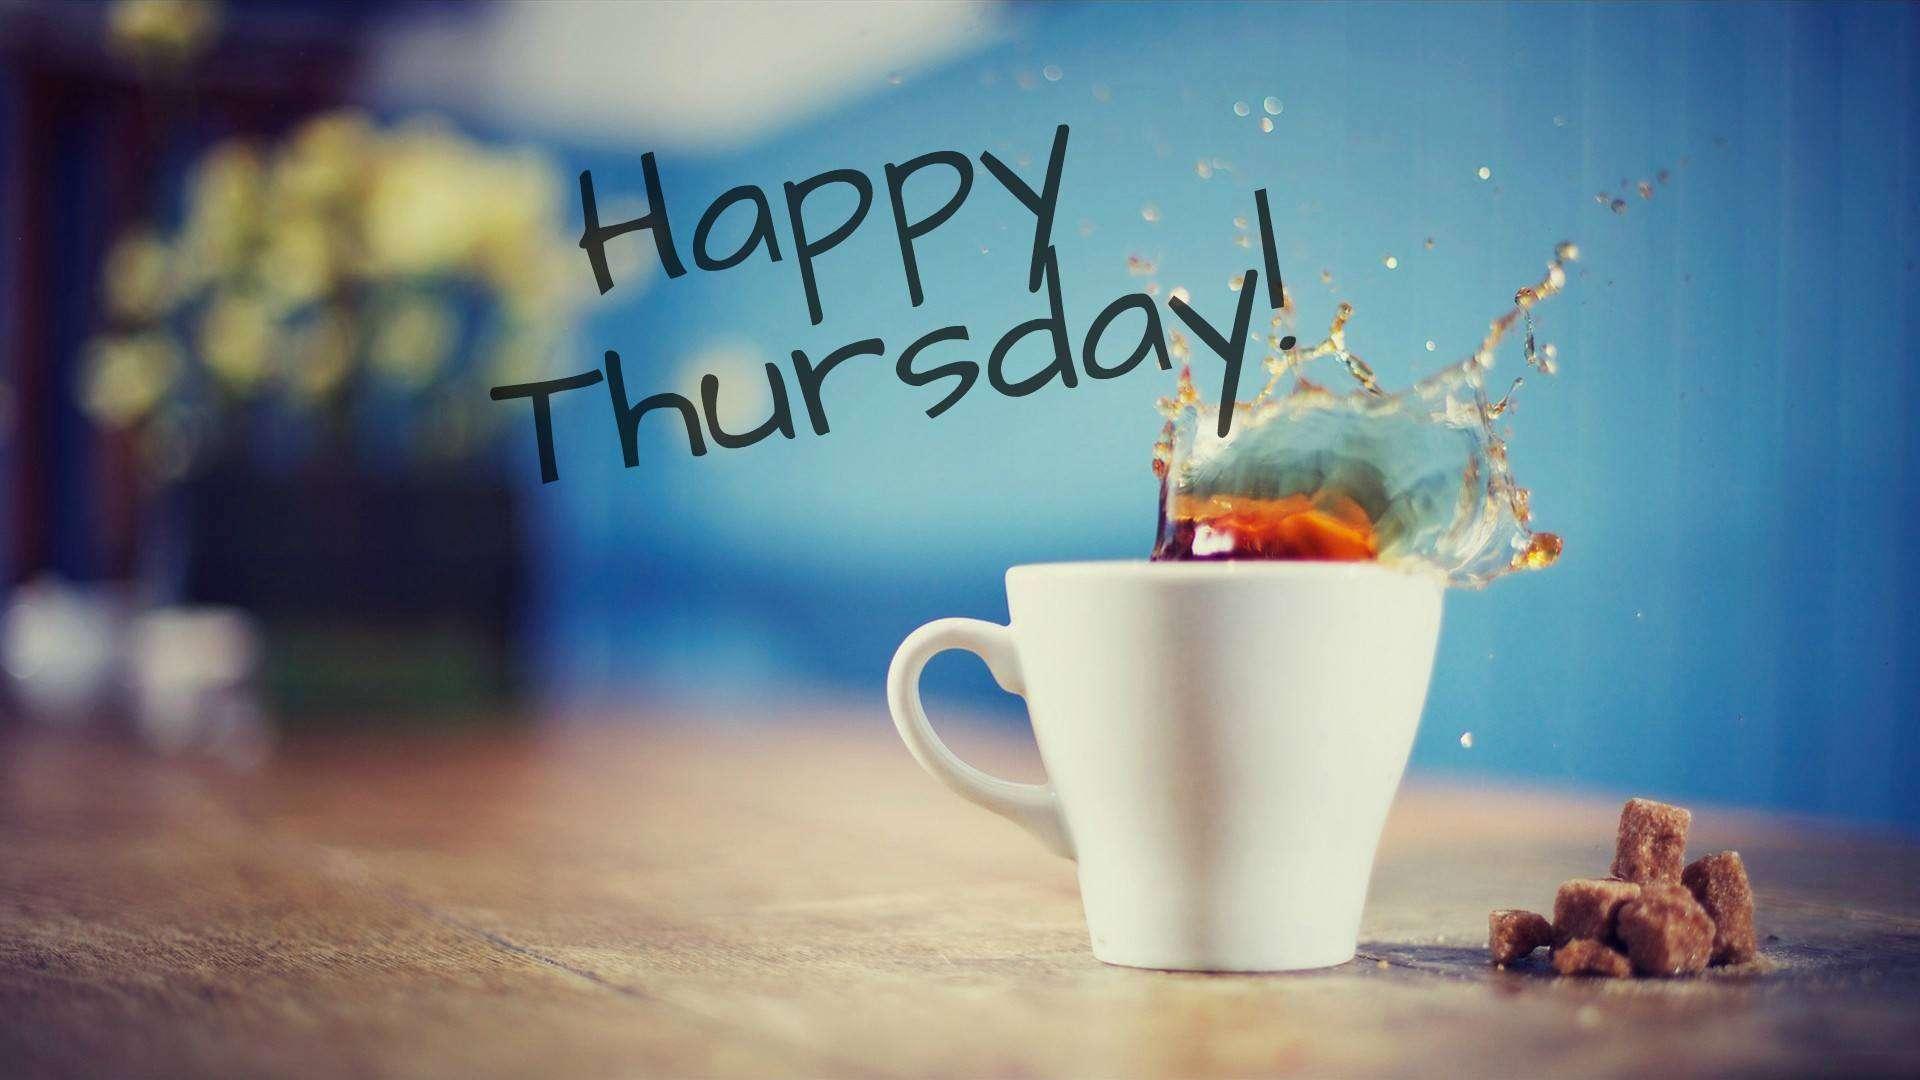 Good Morning and Happy Thursday! | goodmorningpics.com